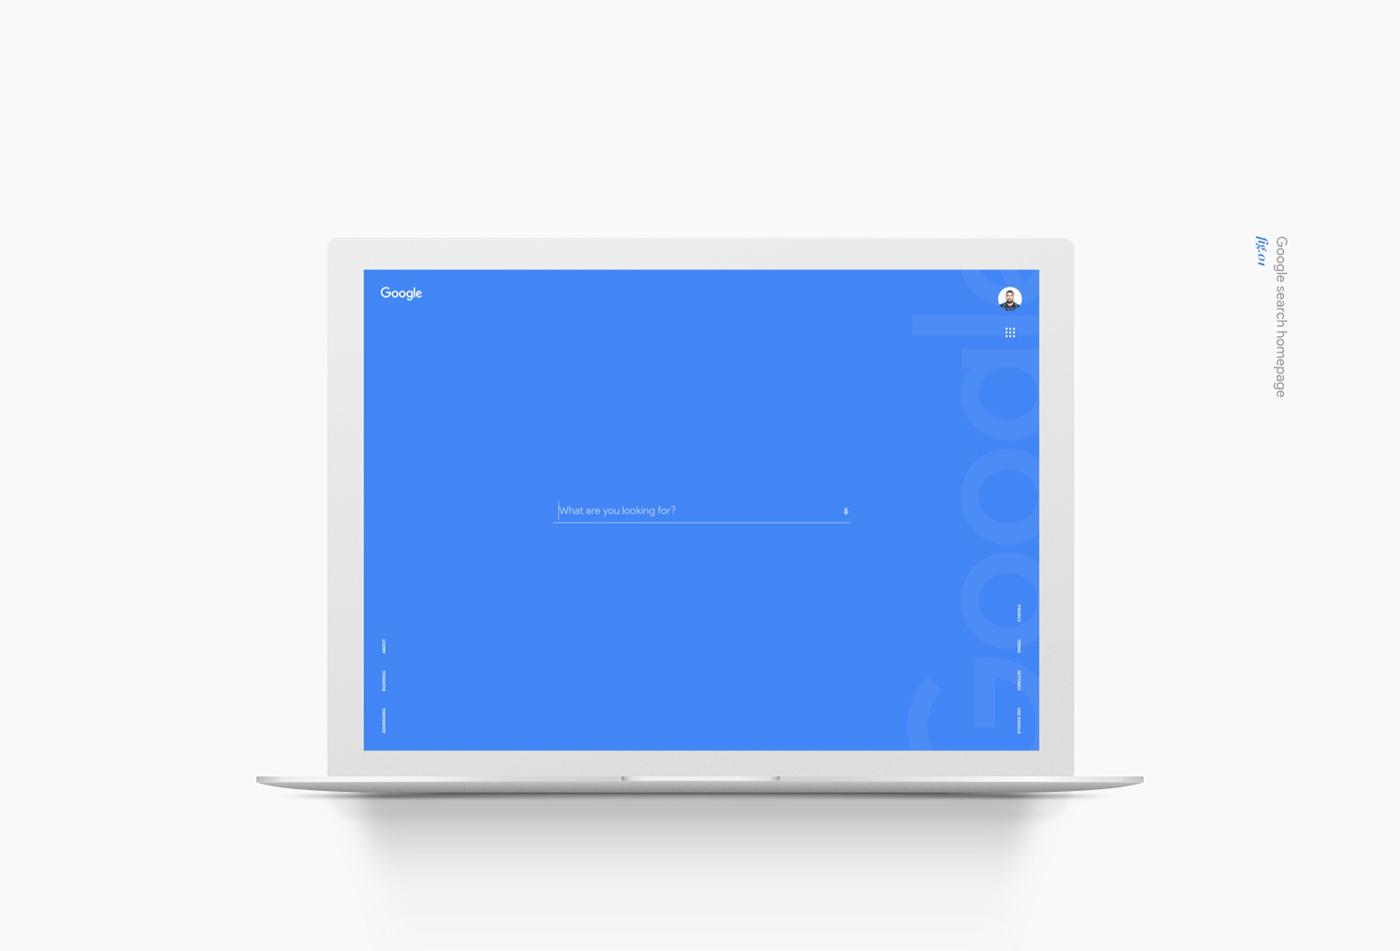 Google search design concept on behance for Design finder